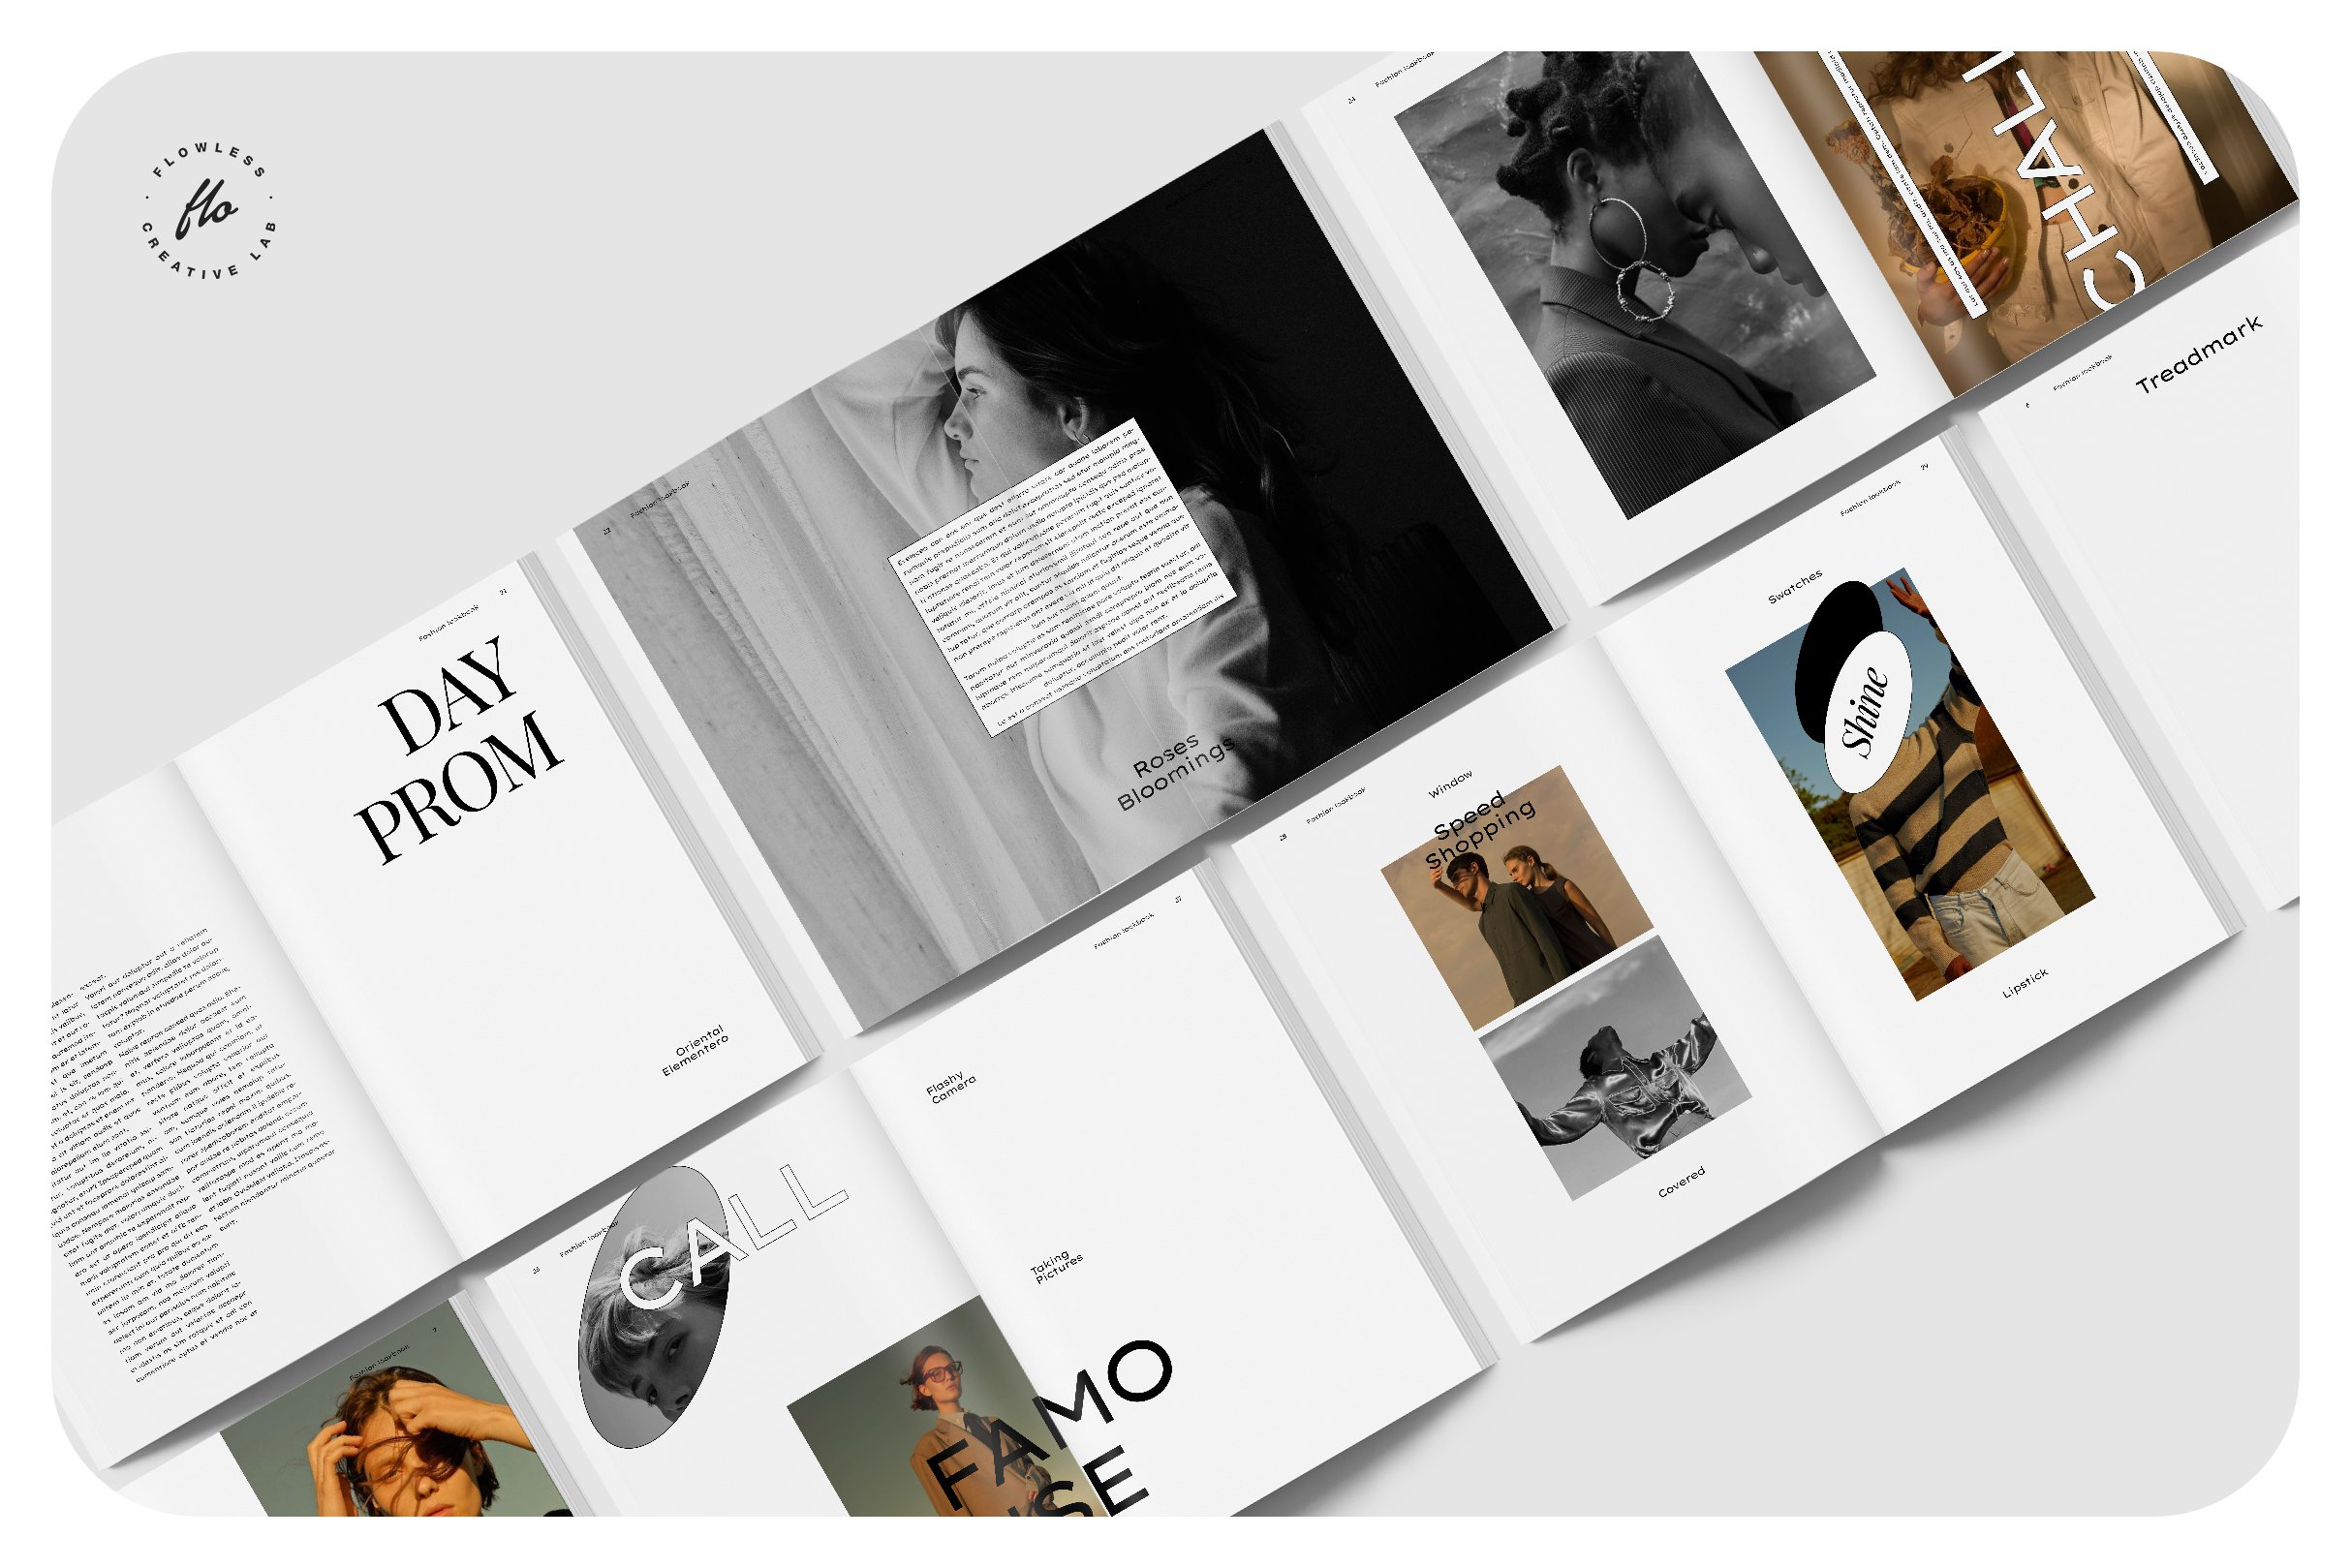 极简服装造型设计INDD画册模板 SOFT TOUCH Fashion Lookbook插图(4)